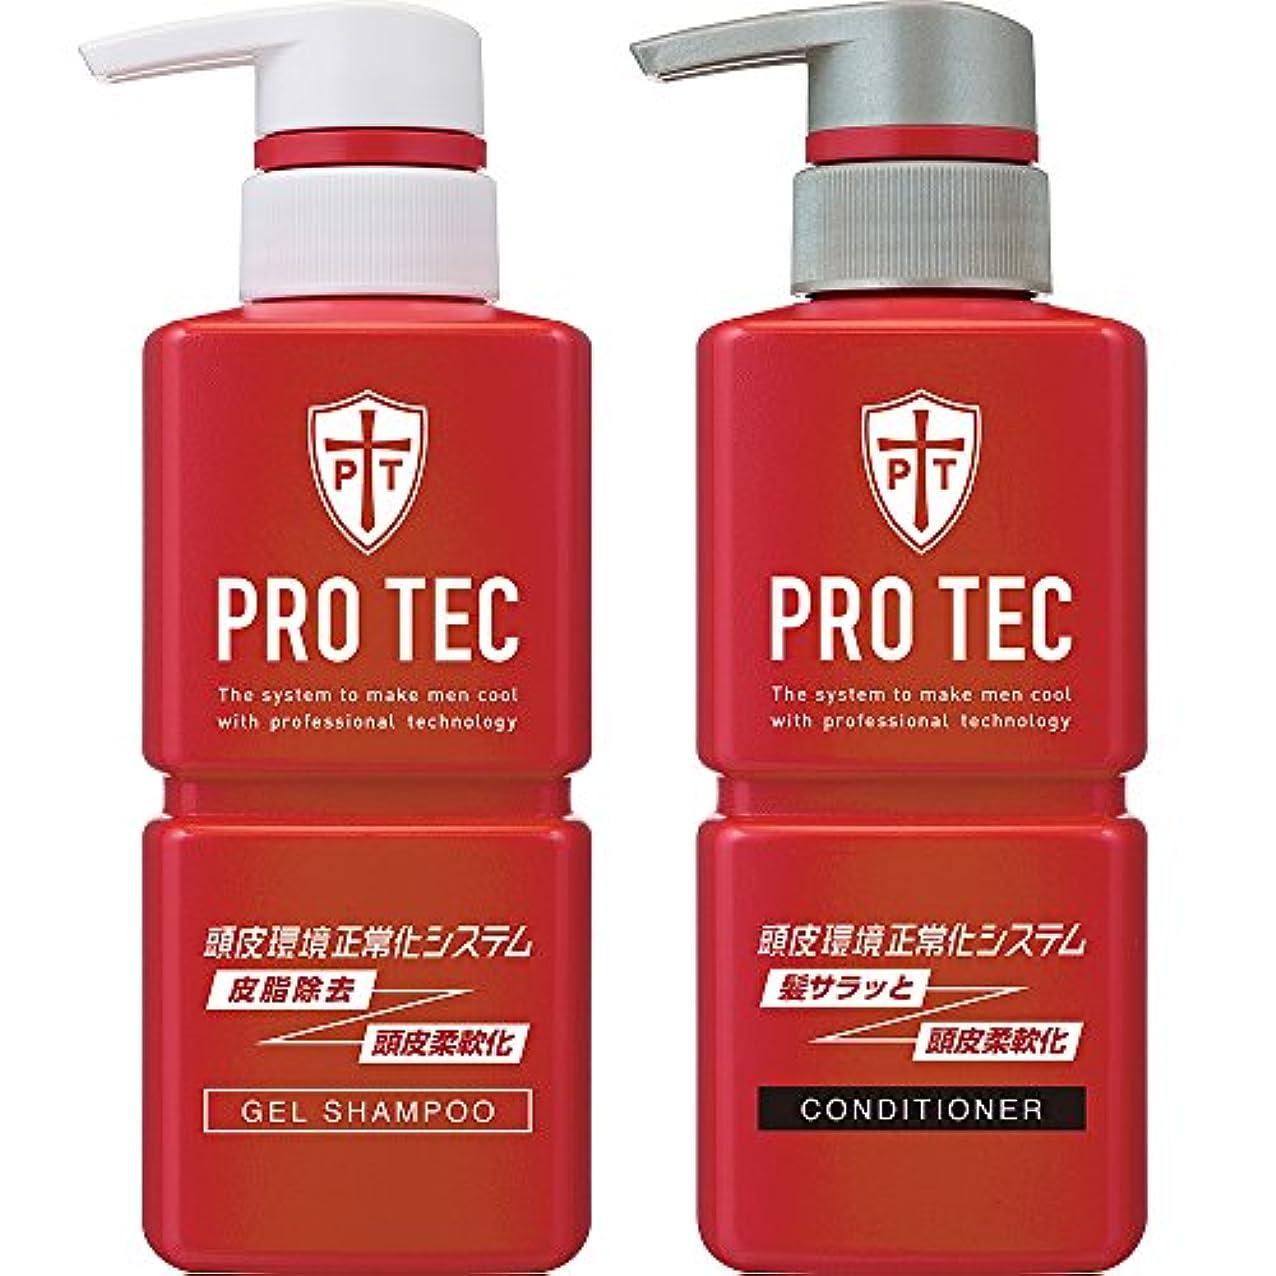 乱暴なありがたい八PRO TEC(プロテク) 頭皮ストレッチ シャンプー ポンプ 300g(医薬部外品)+ コンディショナー ポンプ 300g